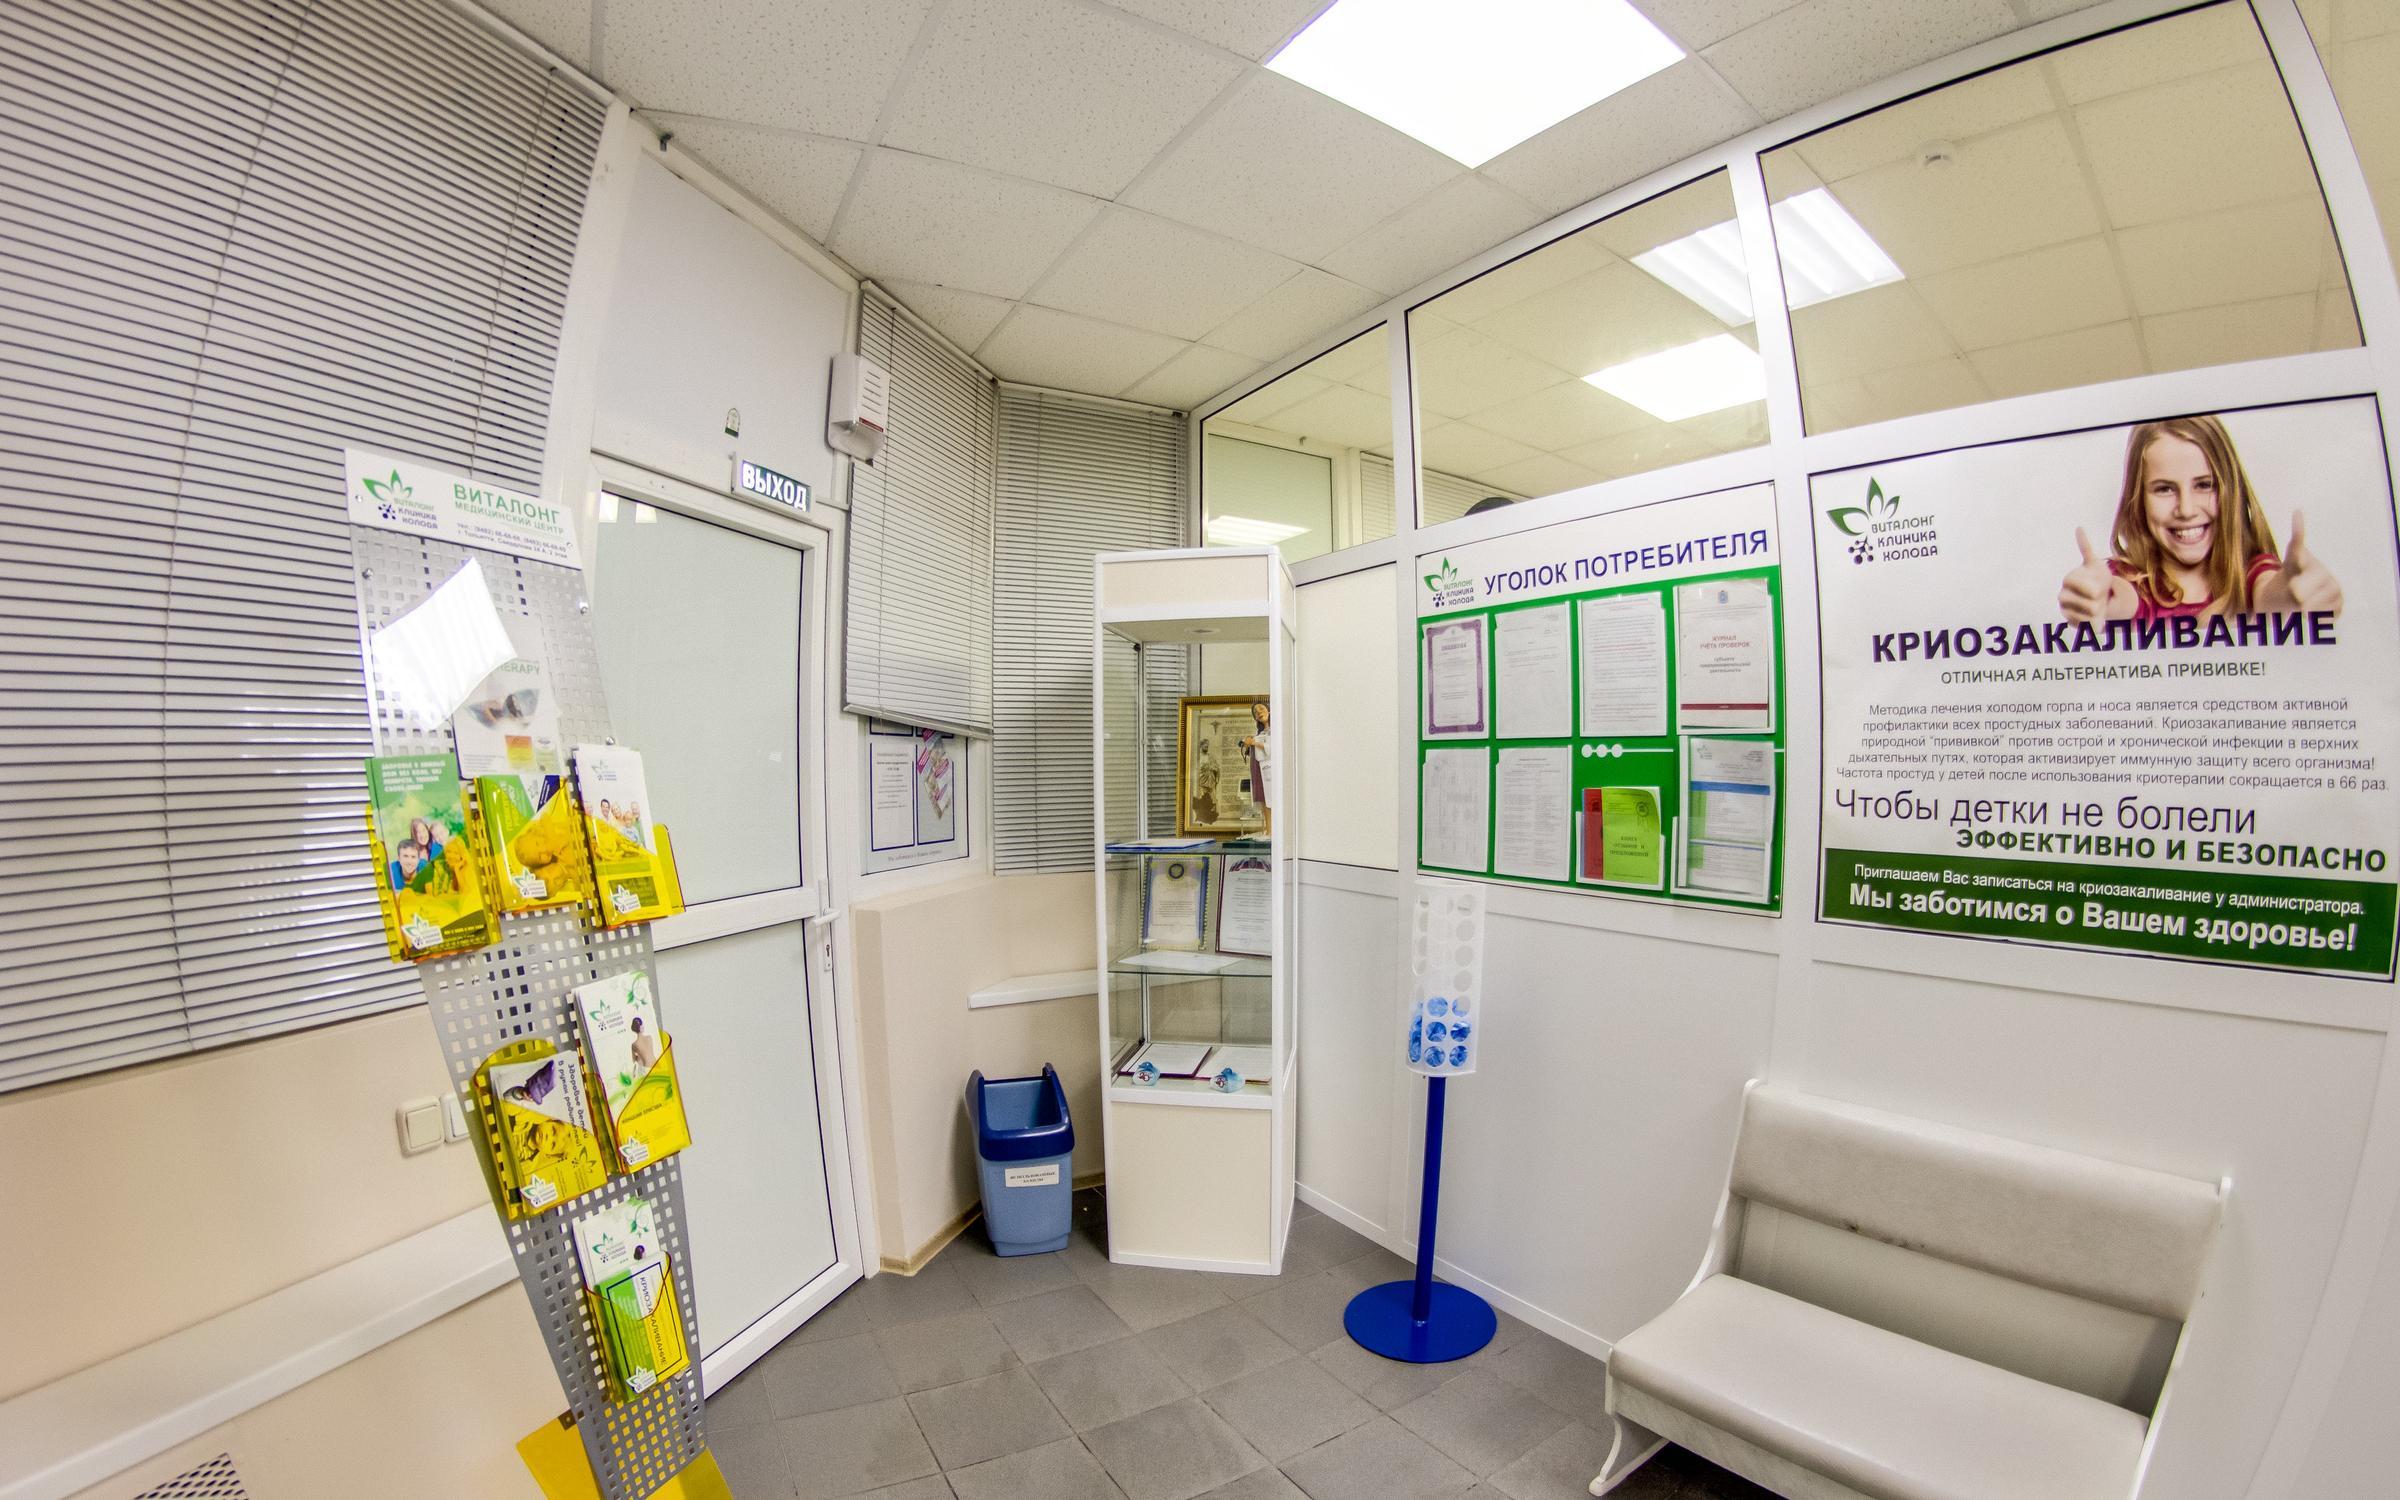 фотография Виталонг - клиника холода на улице Свердлова